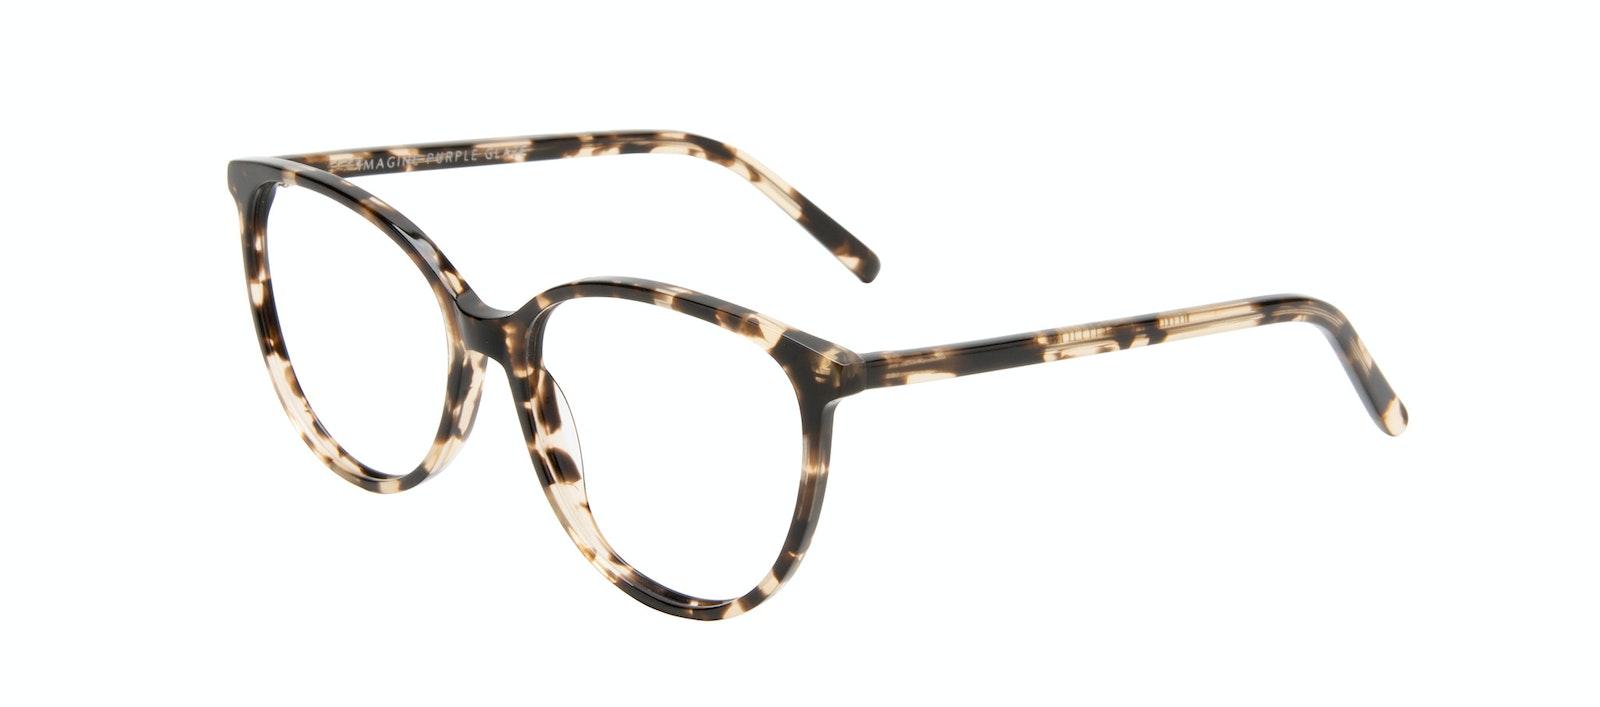 Lunettes tendance Oeil de chat Lunettes de vue Femmes Imagine Leopard Incliné